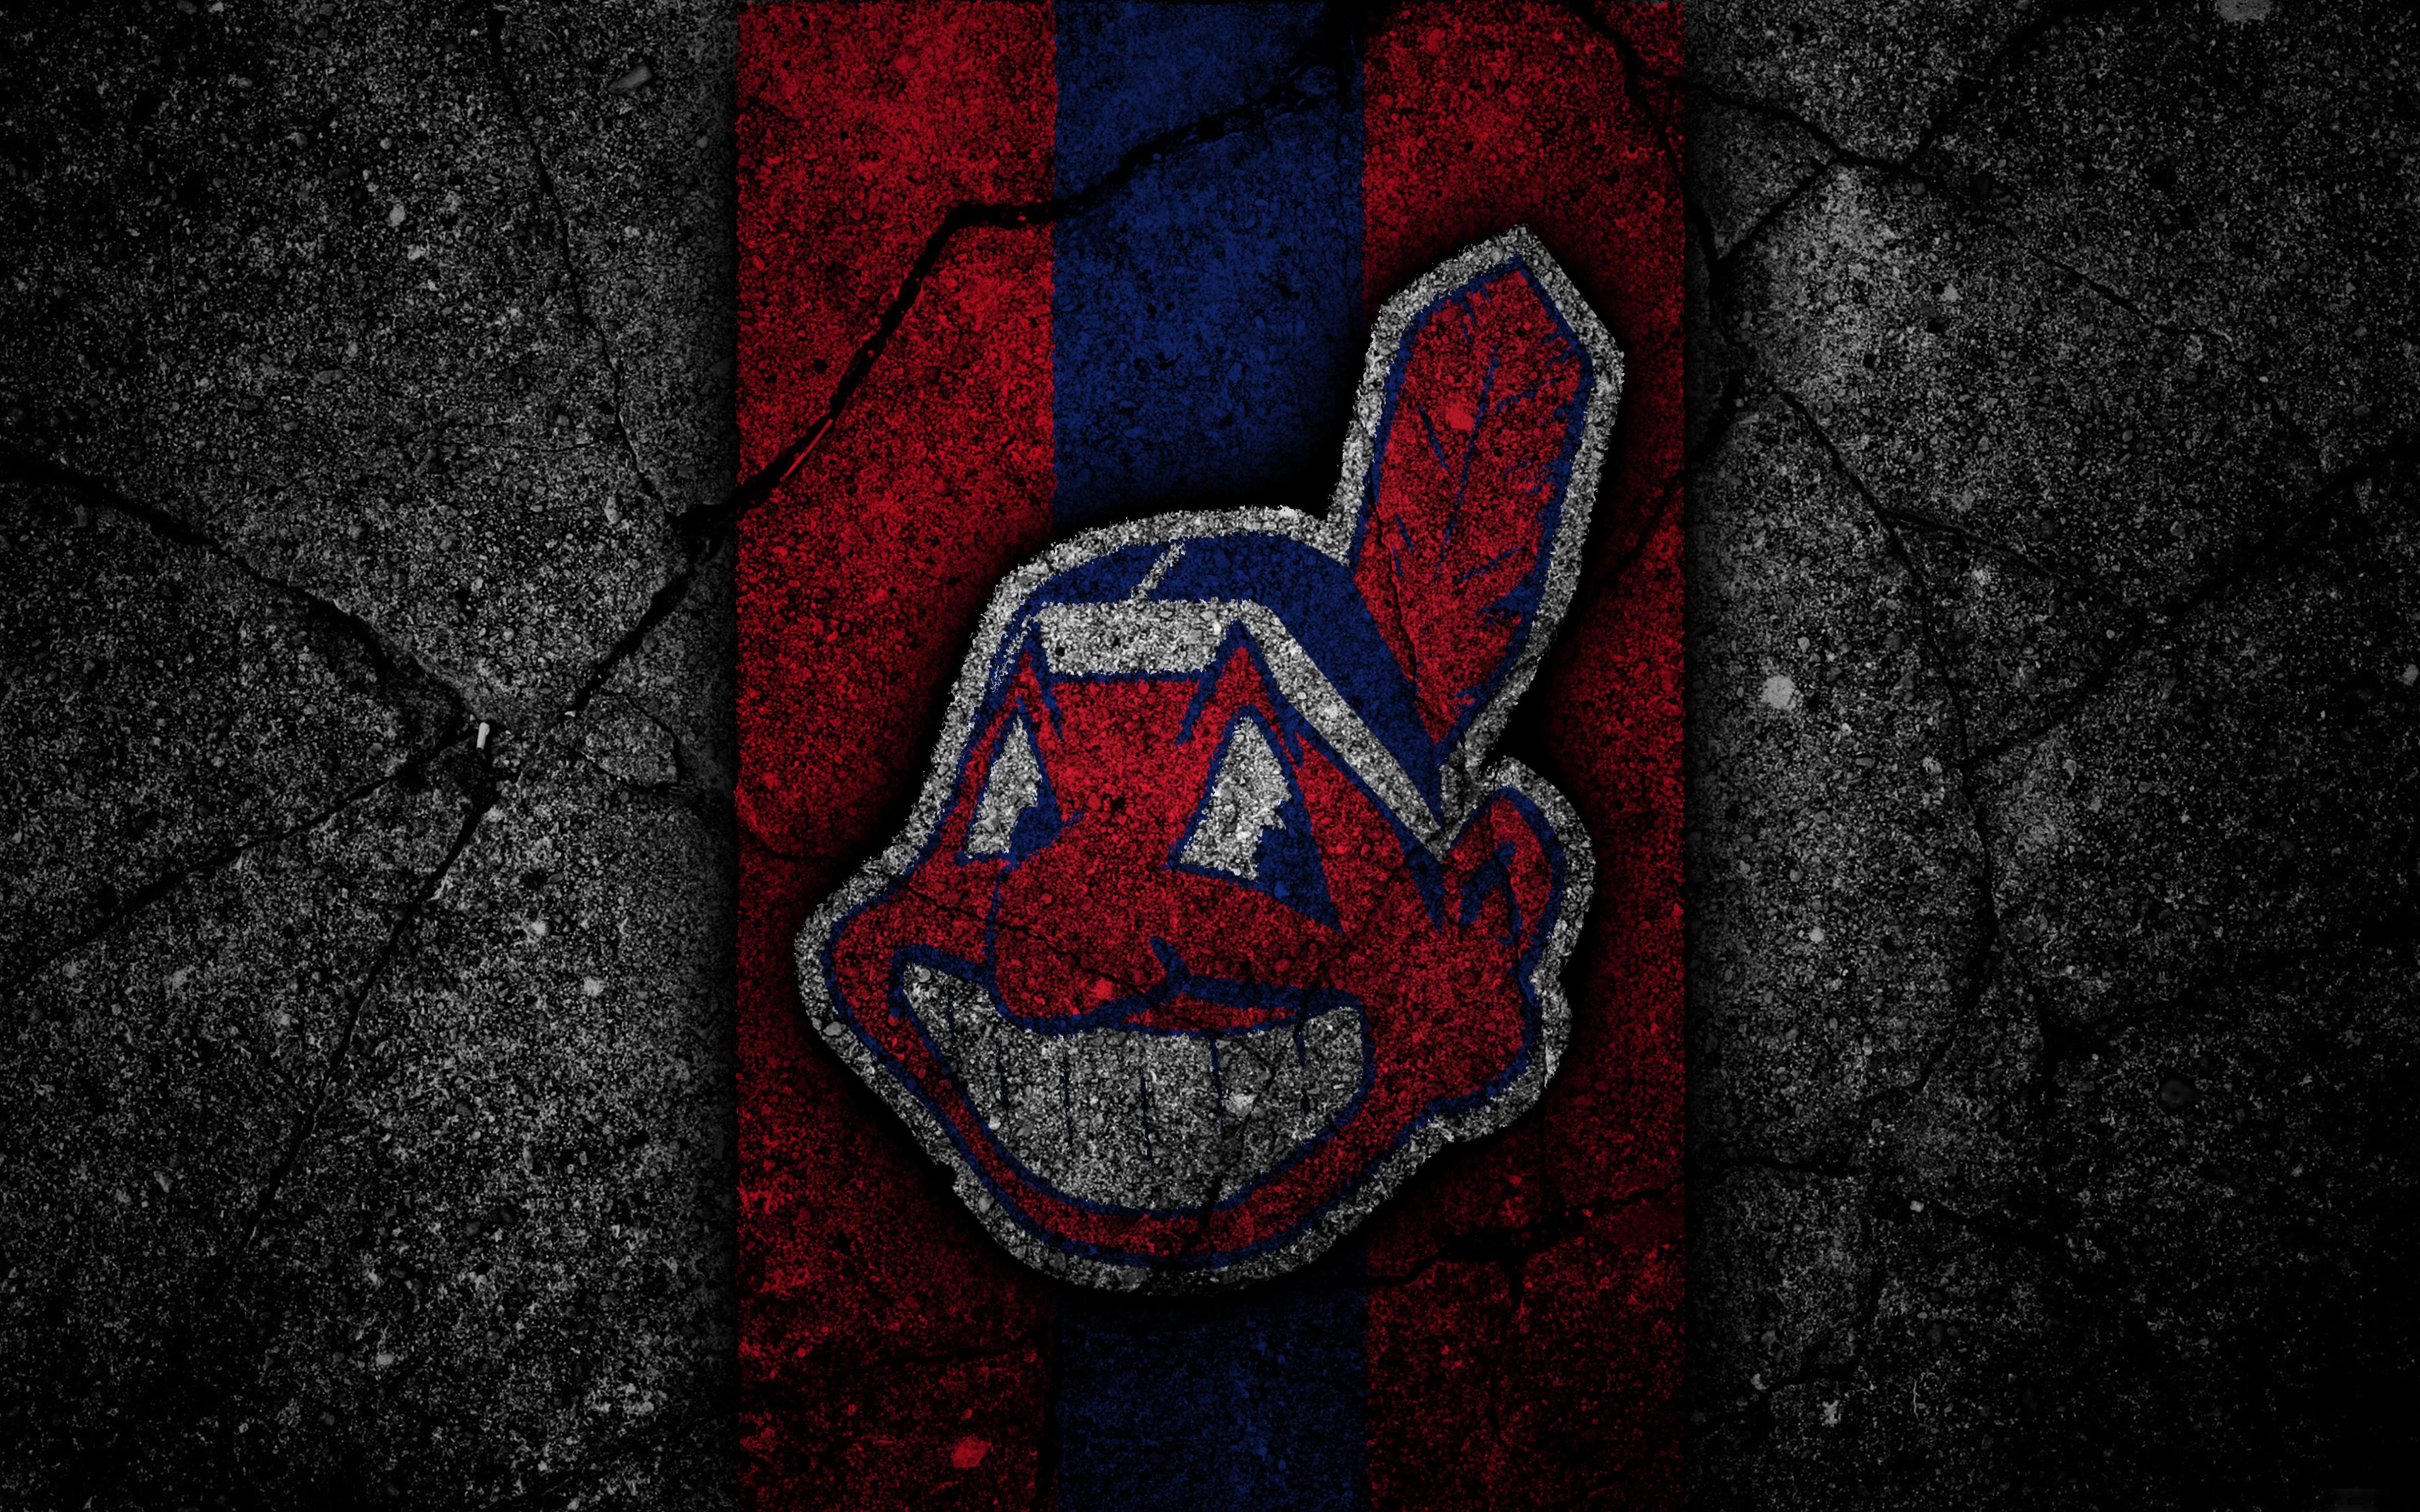 Cleveland Indians 4k Ultra HD Wallpaper